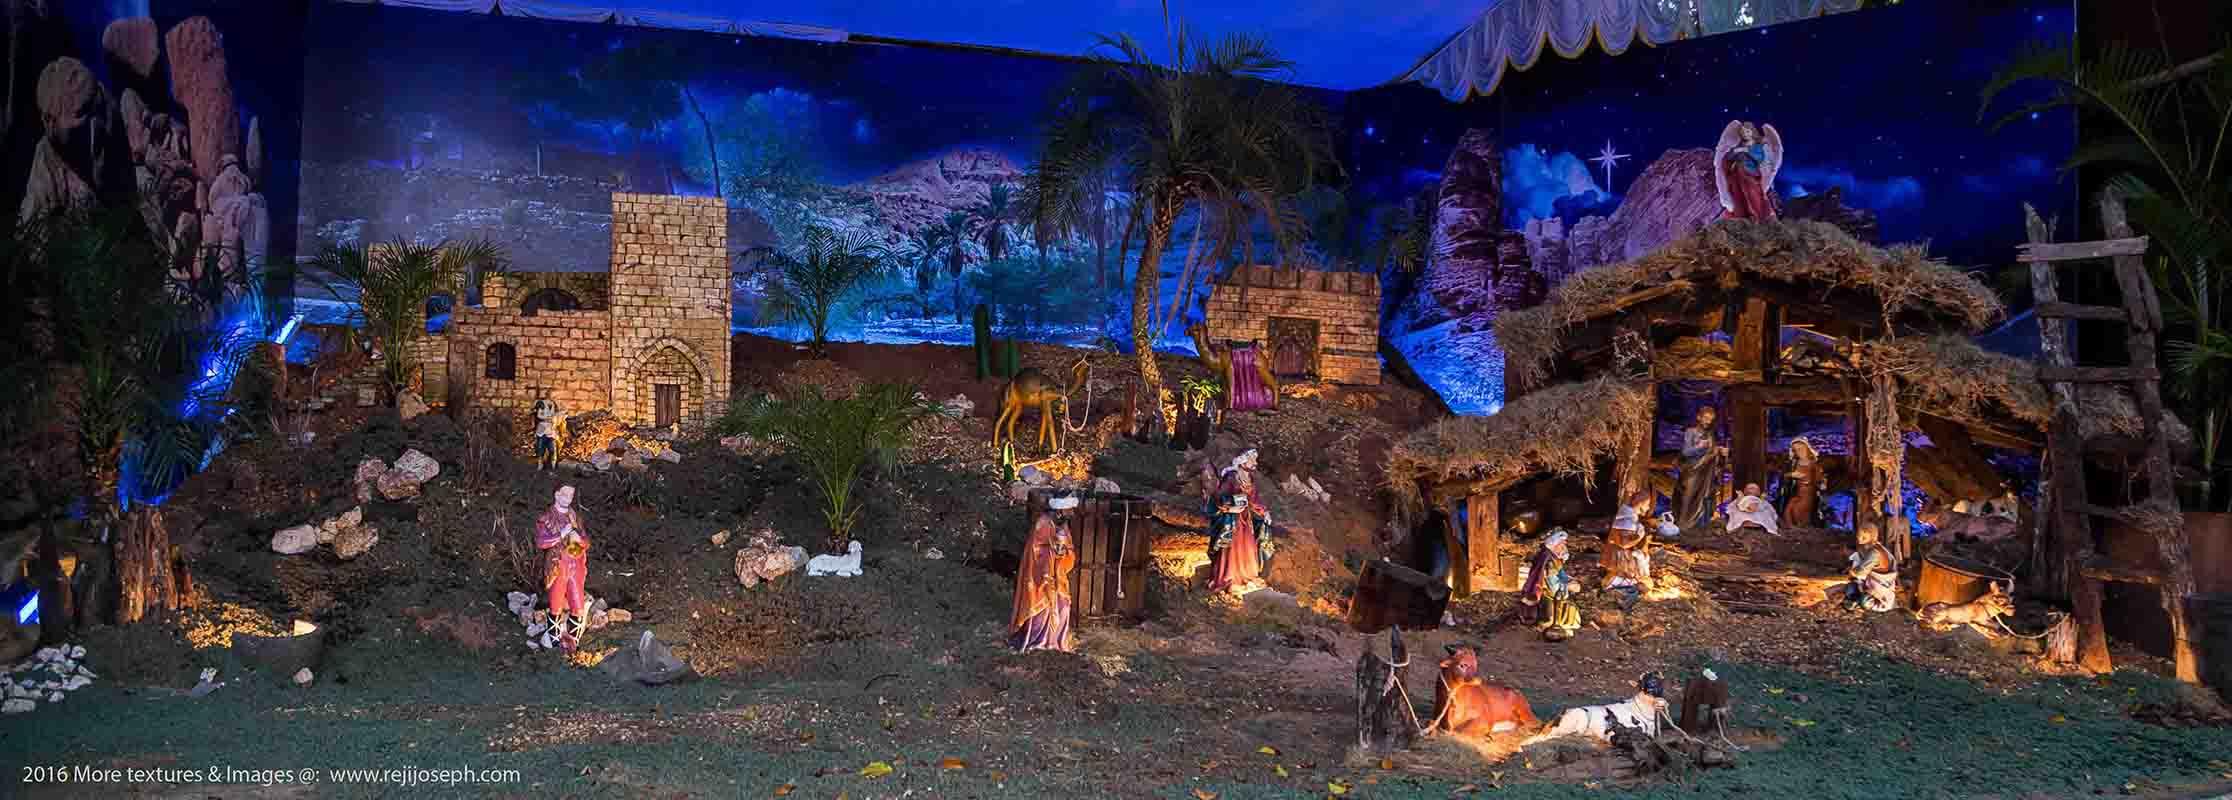 Christmas crib Pulkoodu St. Francis Assisi Cathedral Ernakulam 00001